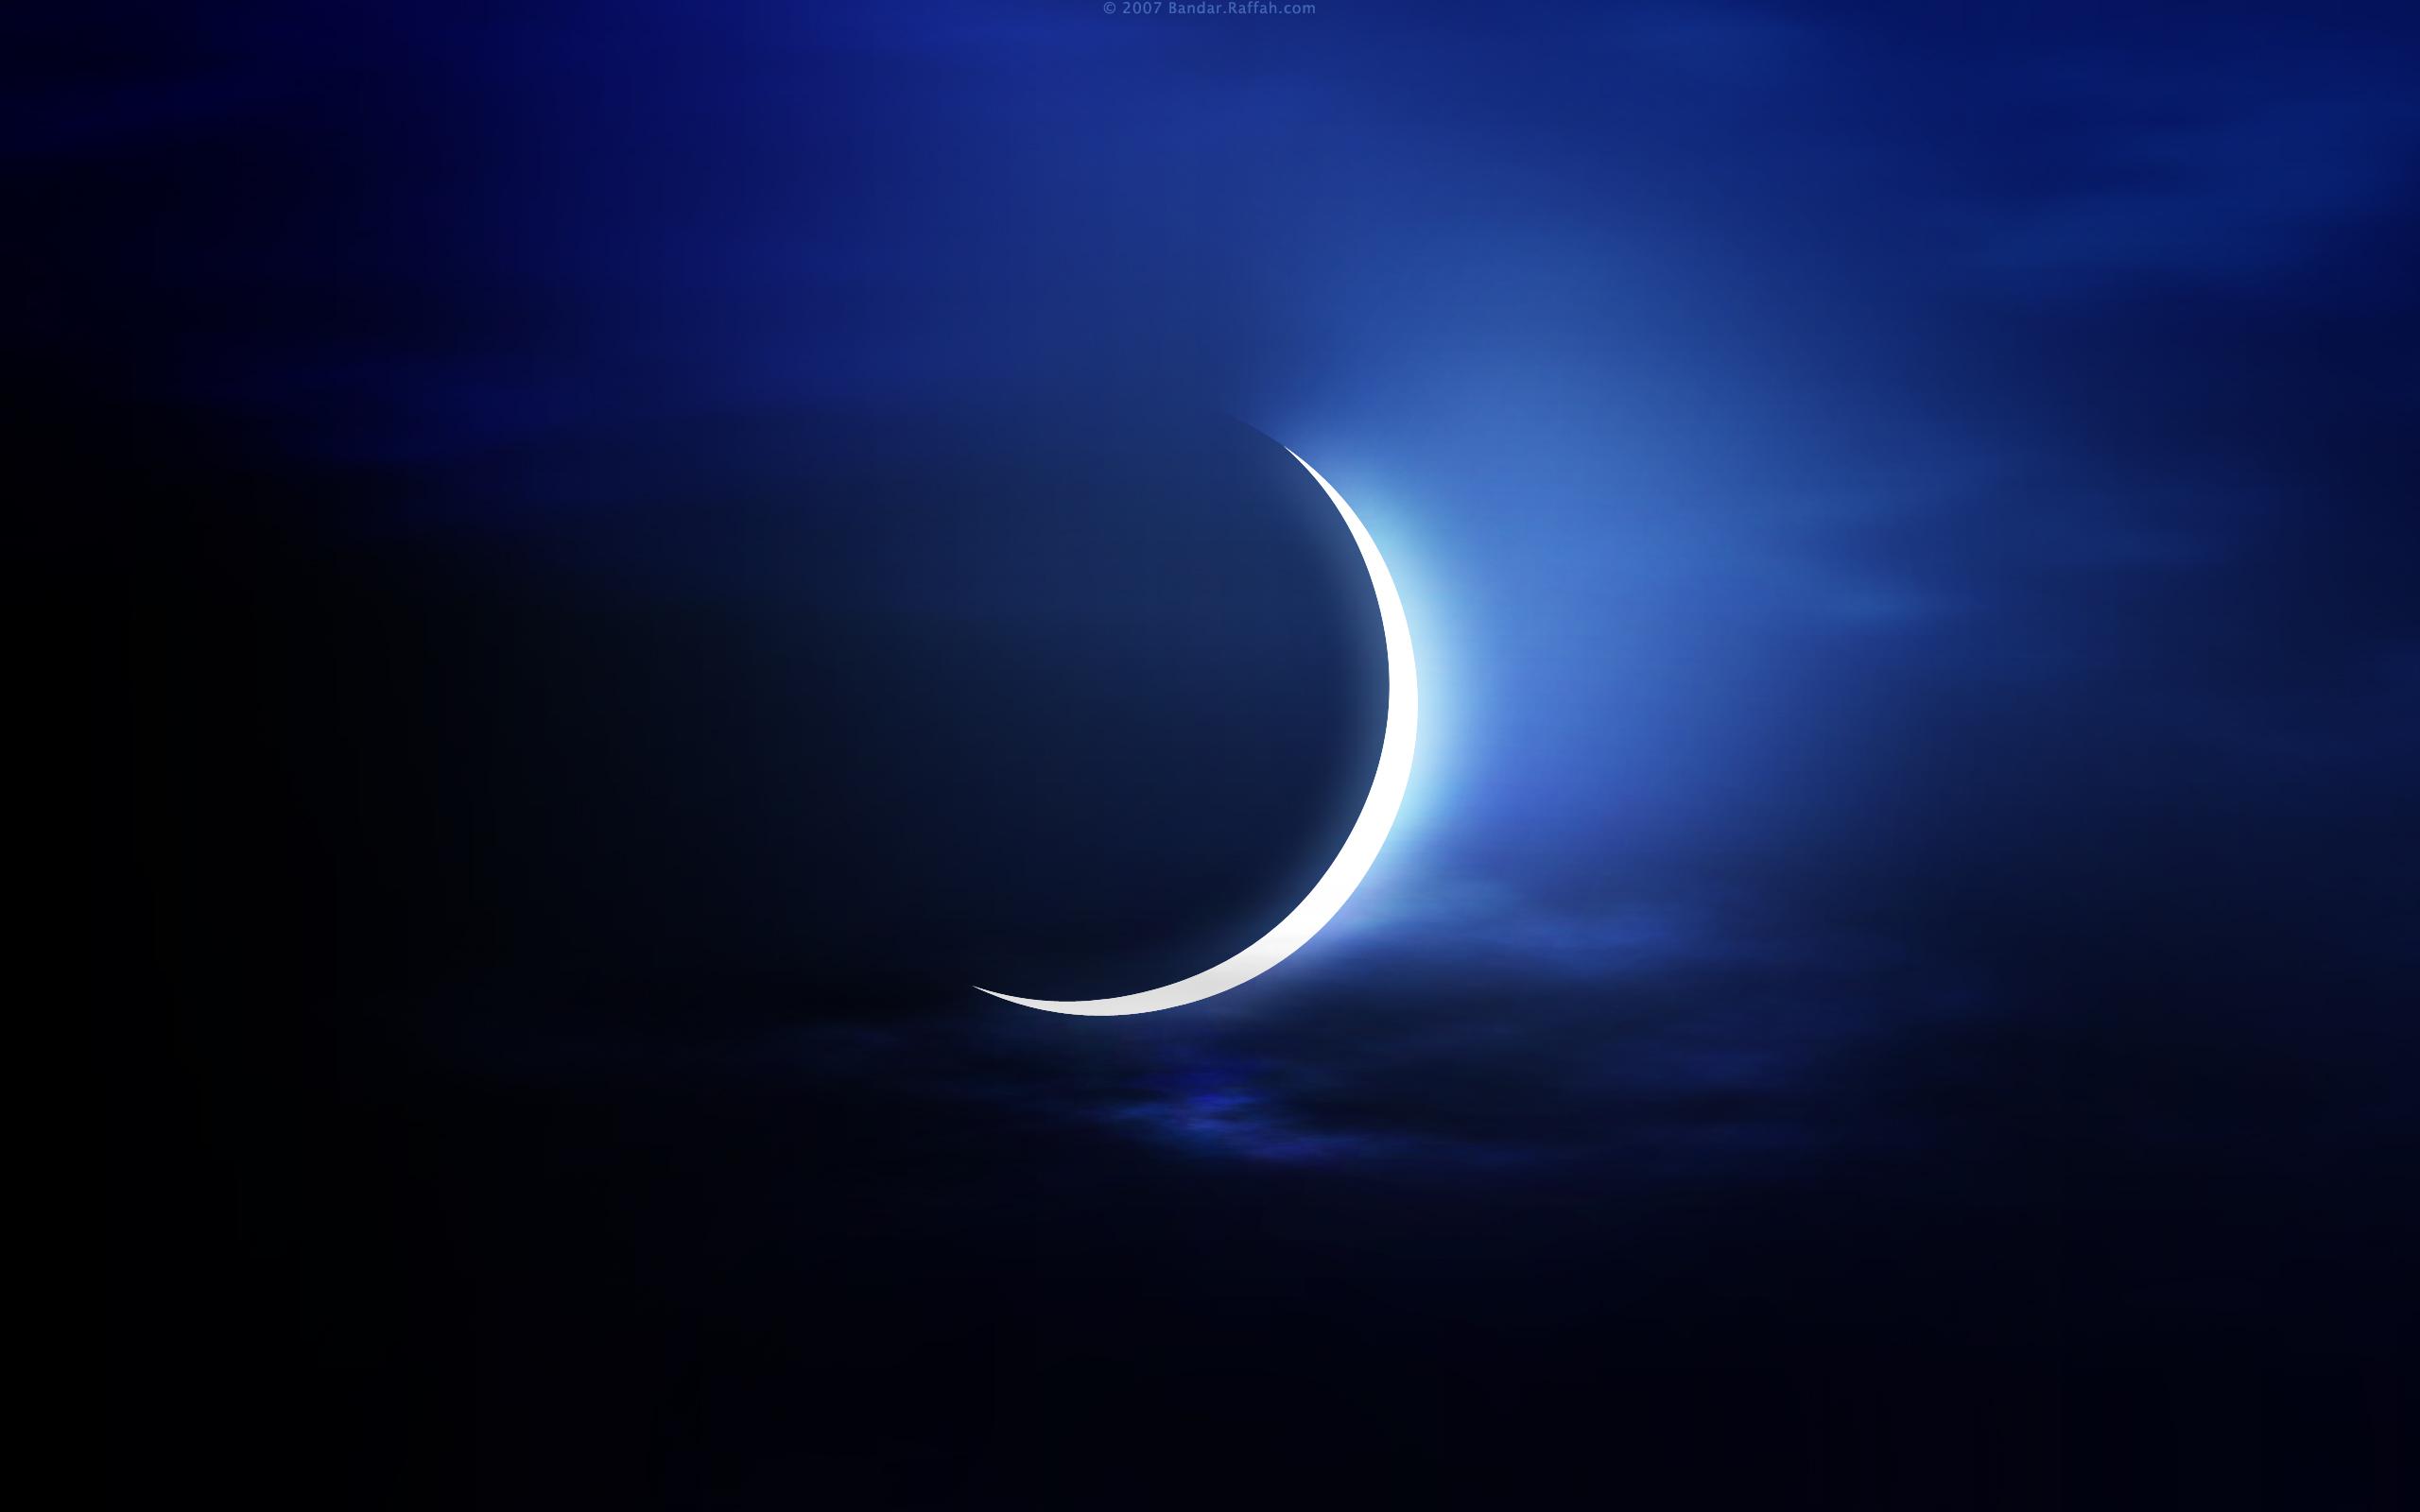 صورة البحوث الفلكية : 23 ديسمبر المولد النبوي الشريف